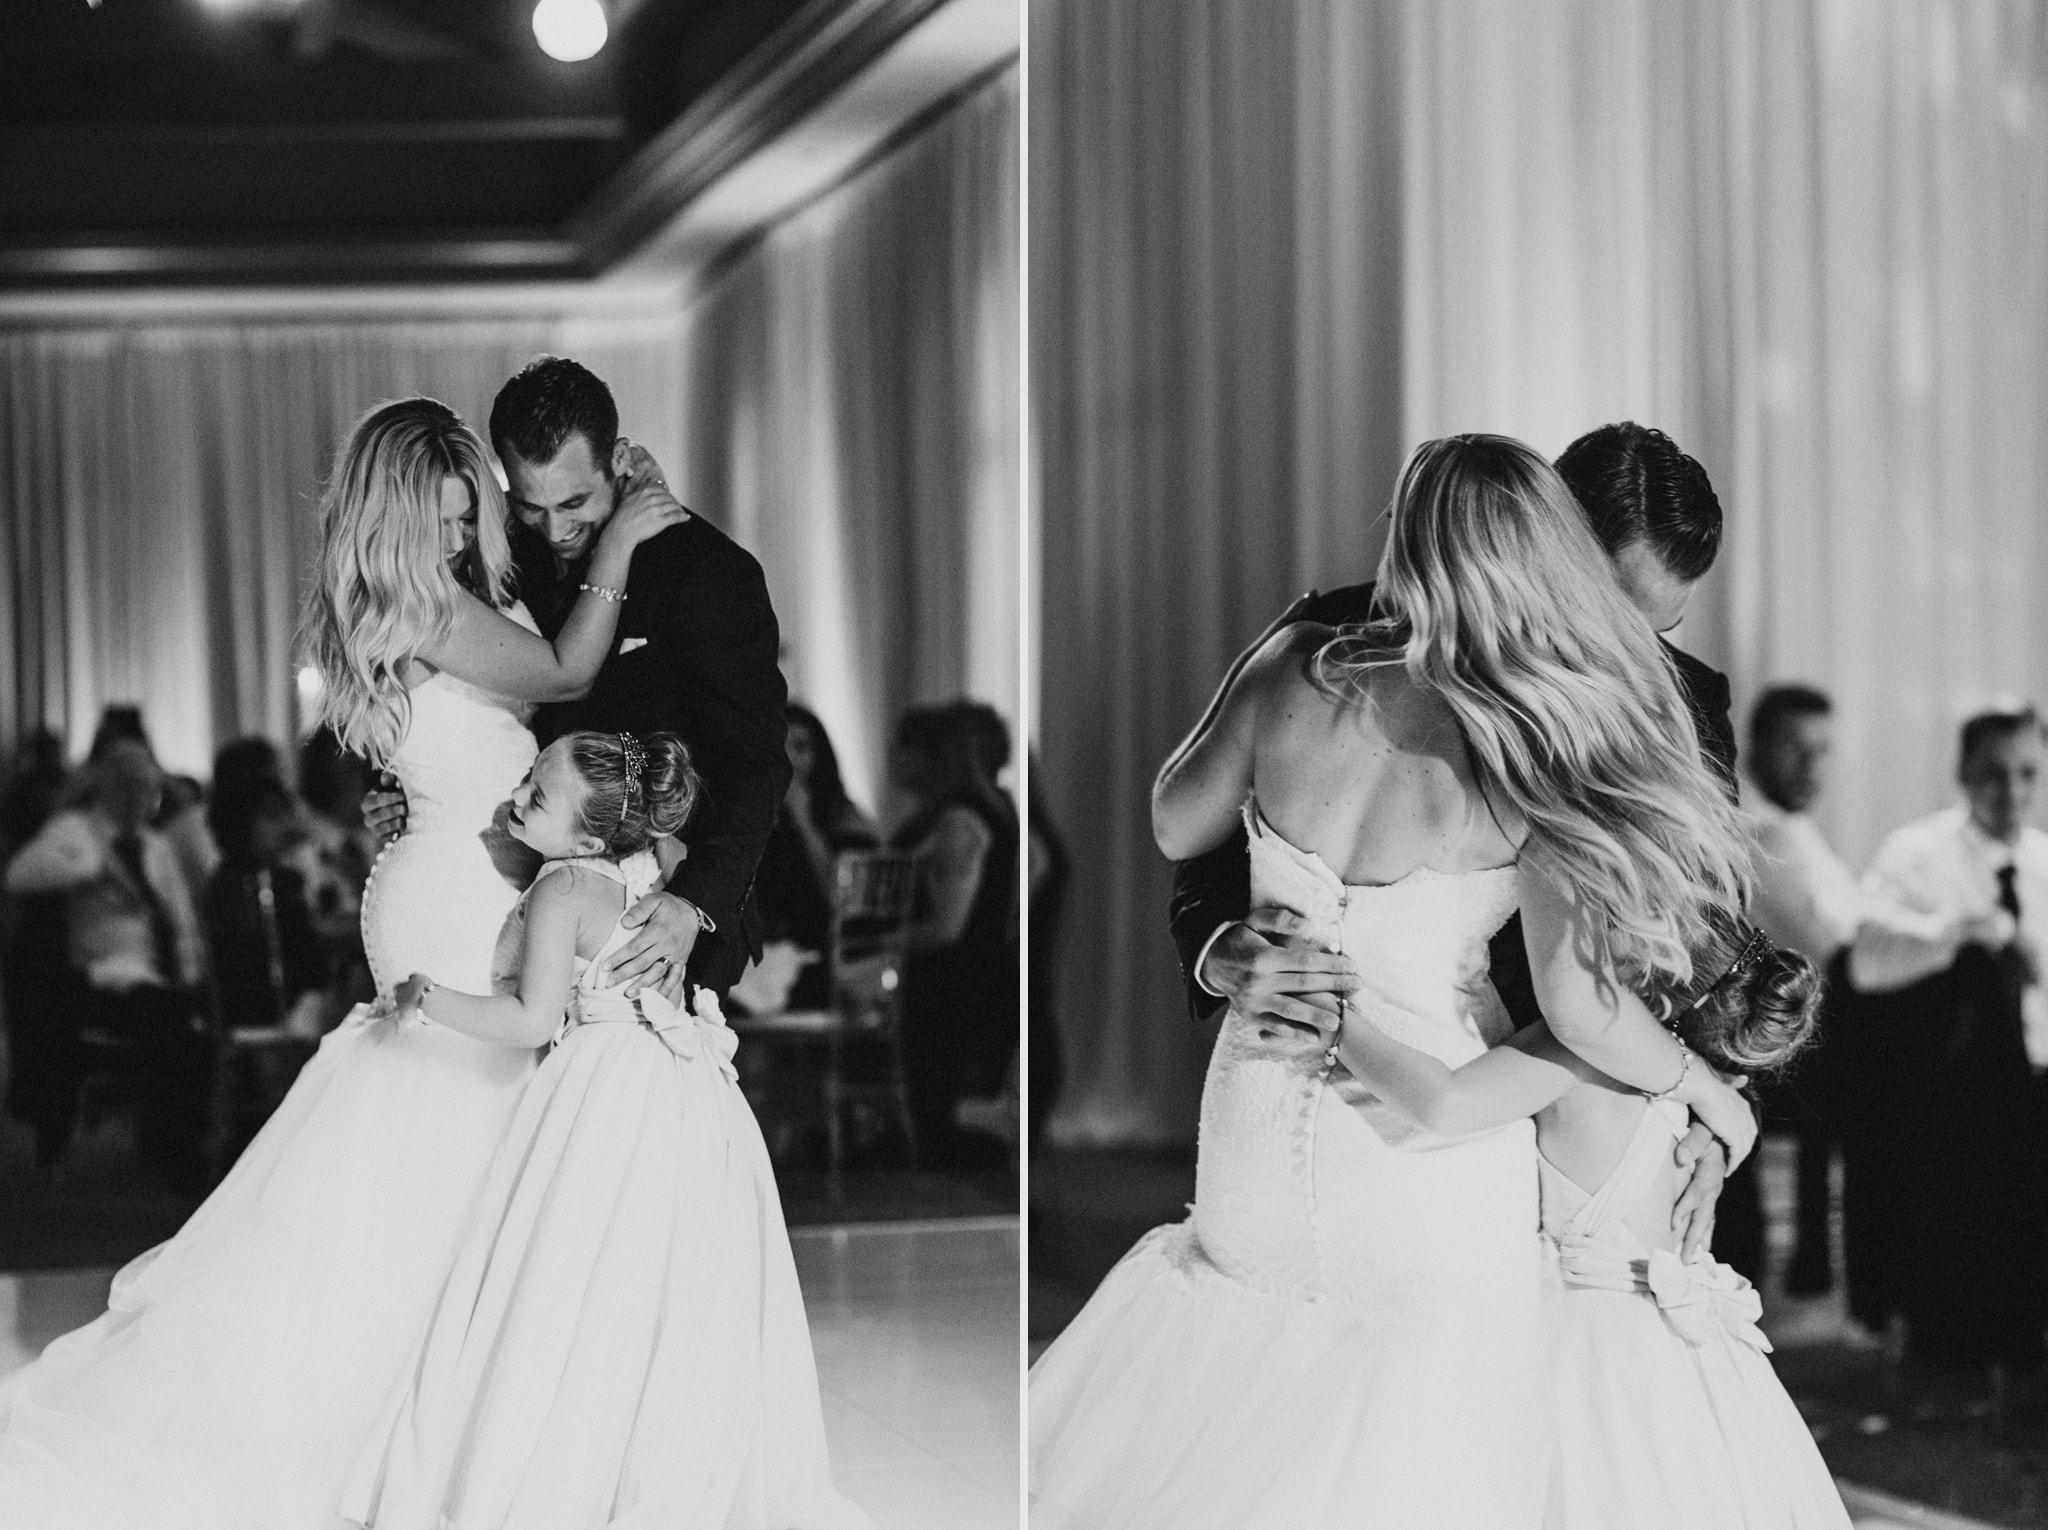 072-wedding-first-dance-daughter.jpg